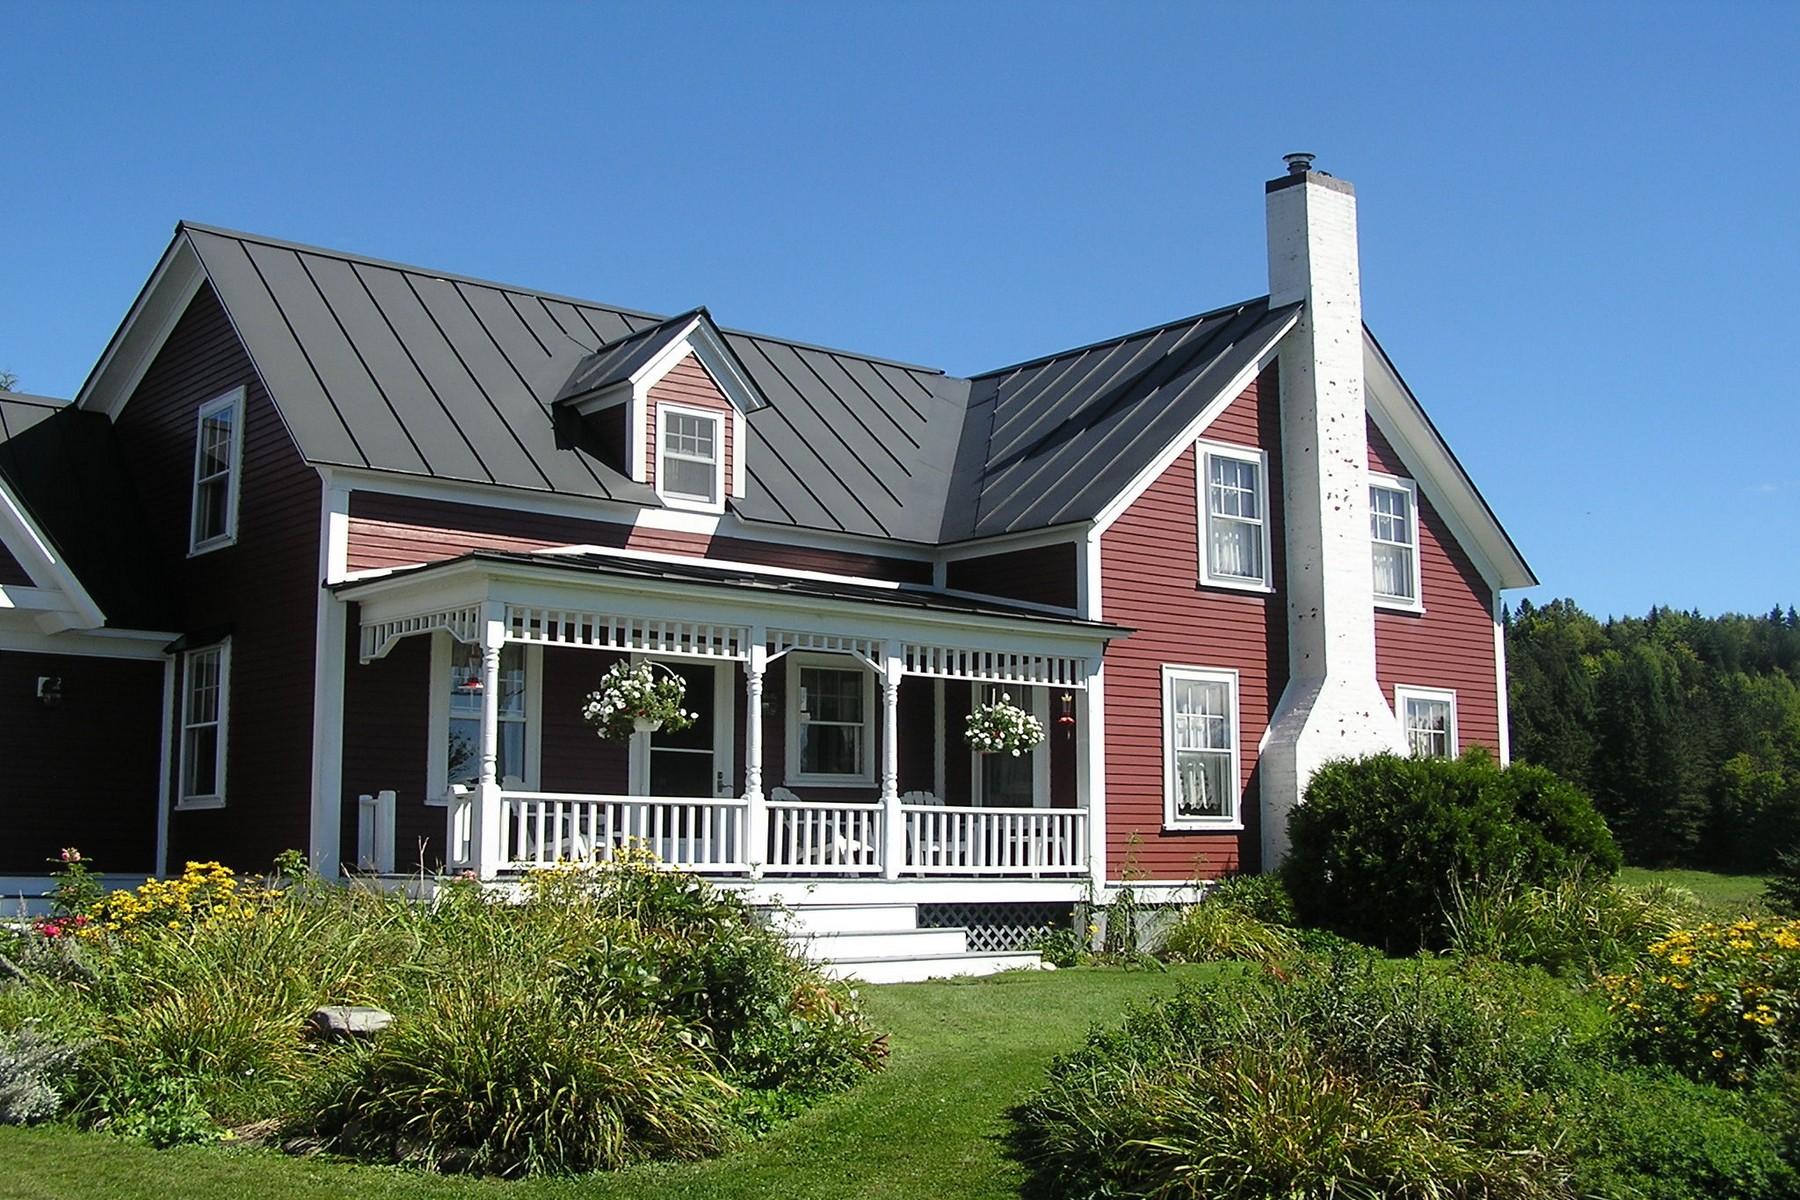 Casa Unifamiliar por un Venta en 2651 Route 16, Greensboro Greensboro, Vermont, 05842 Estados Unidos